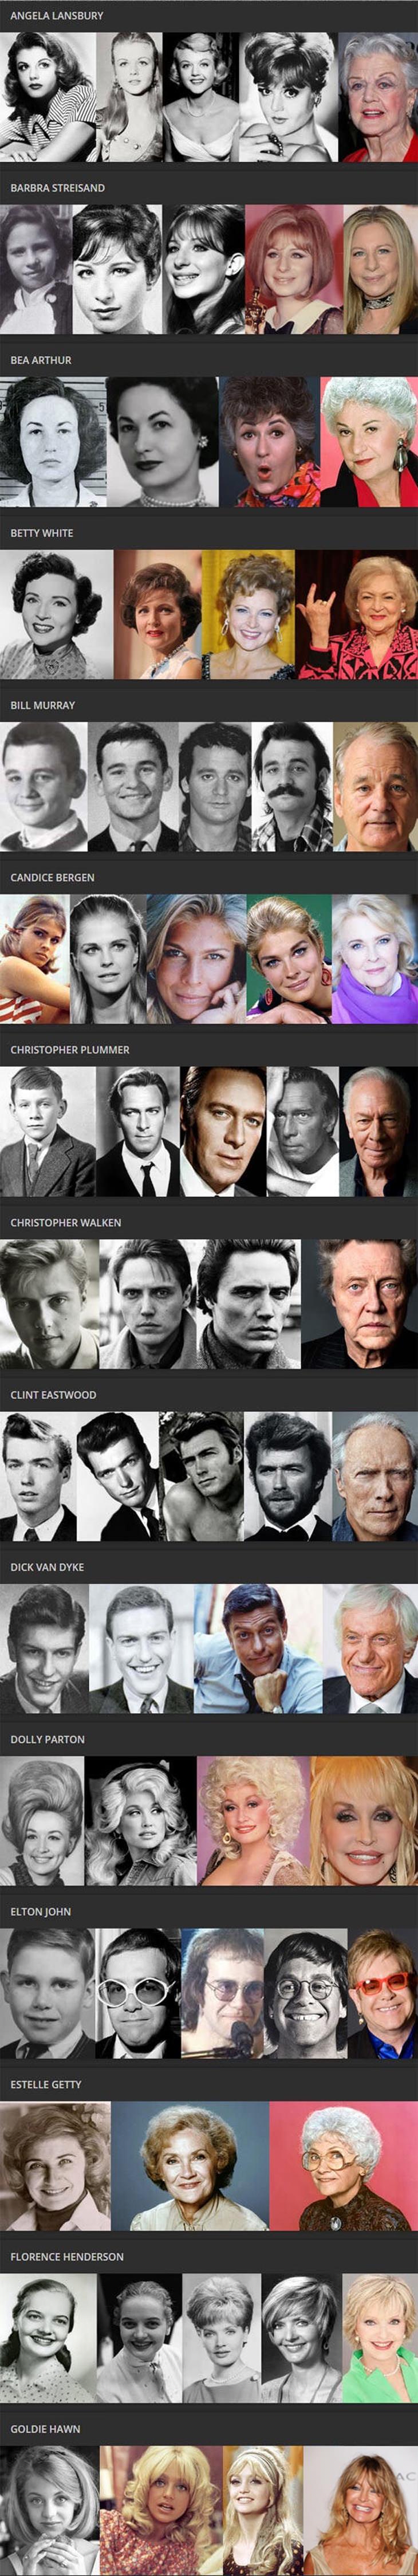 celebrities aging